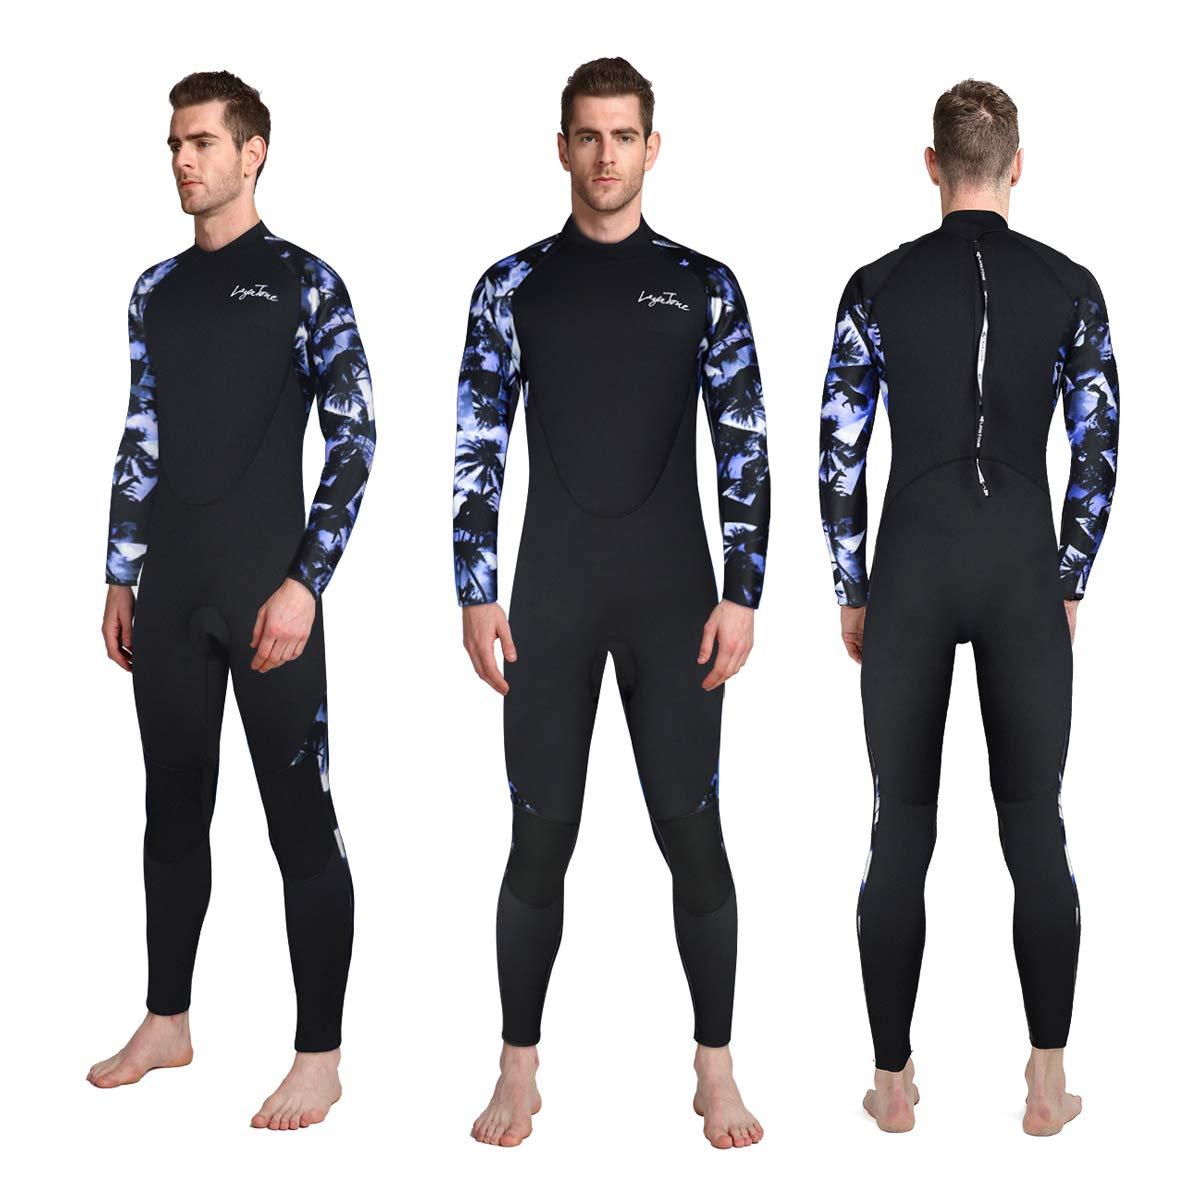 Amazon.com: Layatone Diving Suit Men 3mm Neoprene Suit Surf ...